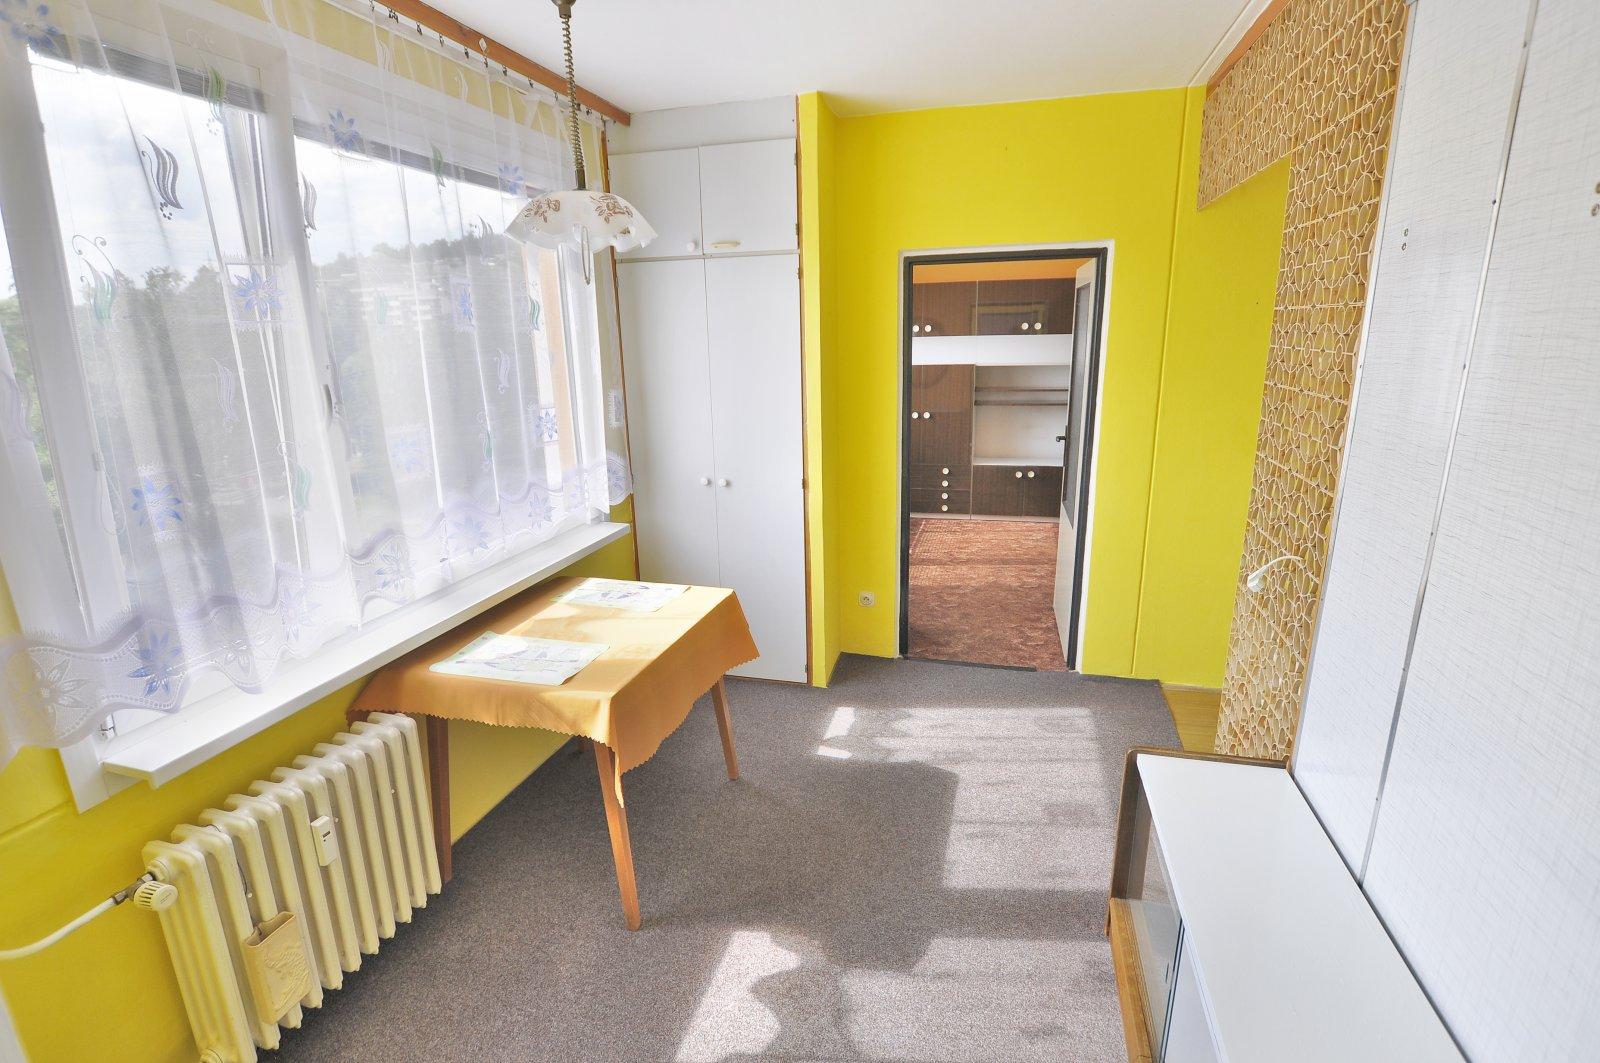 Rezervováno: Byt 2+1 s balkonem, osobní vlastnictví, Trutnov - širší centrum, Náchodská ulice